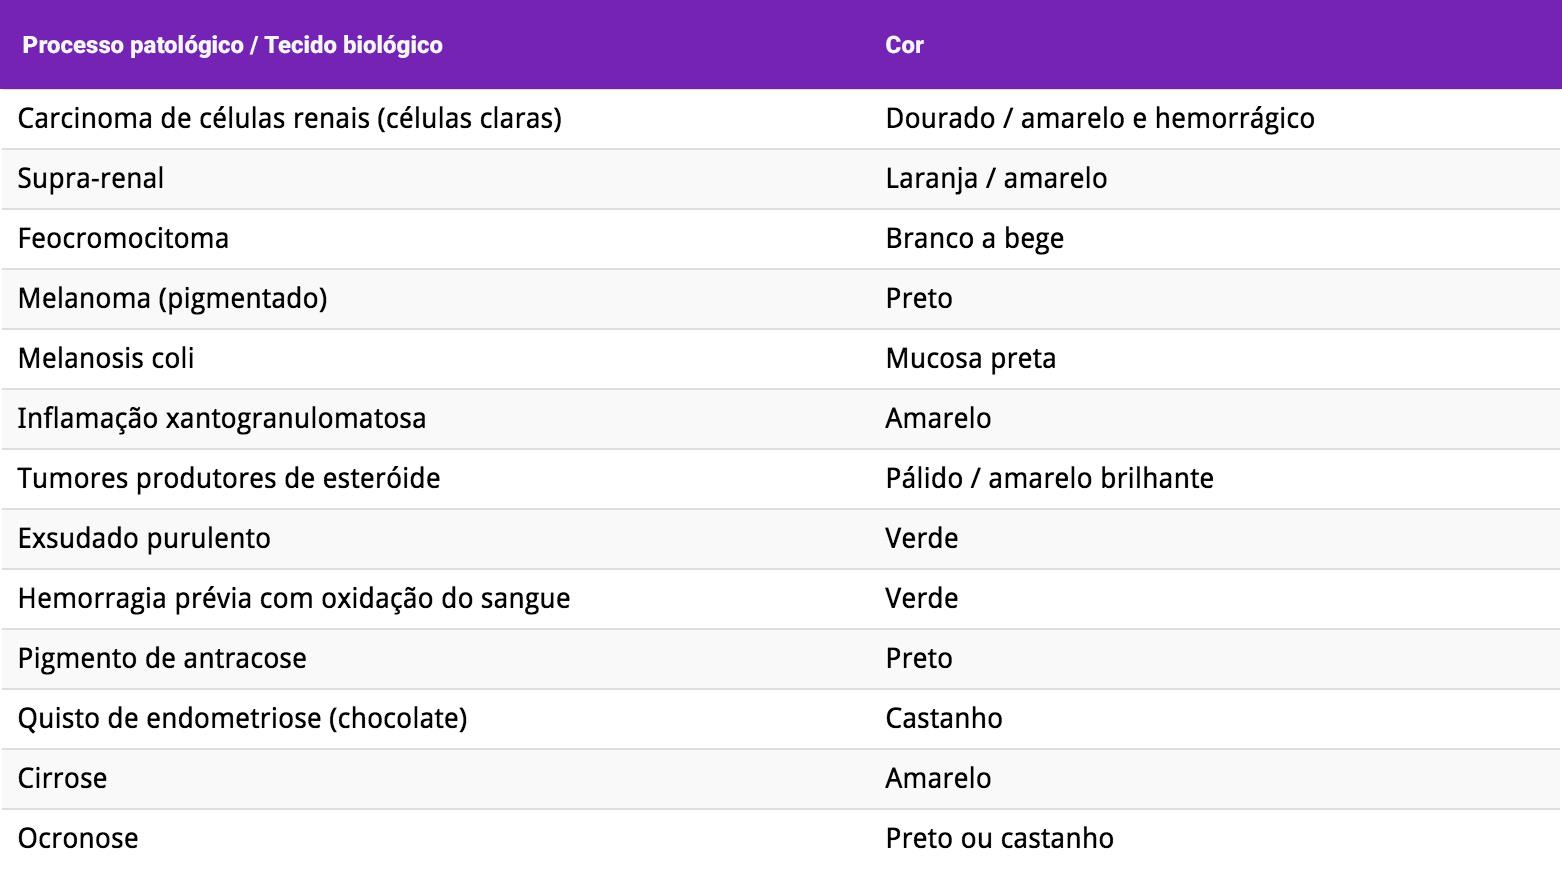 Tabela 1: Alguns processos patológicos / tecido biológico com cor característica.